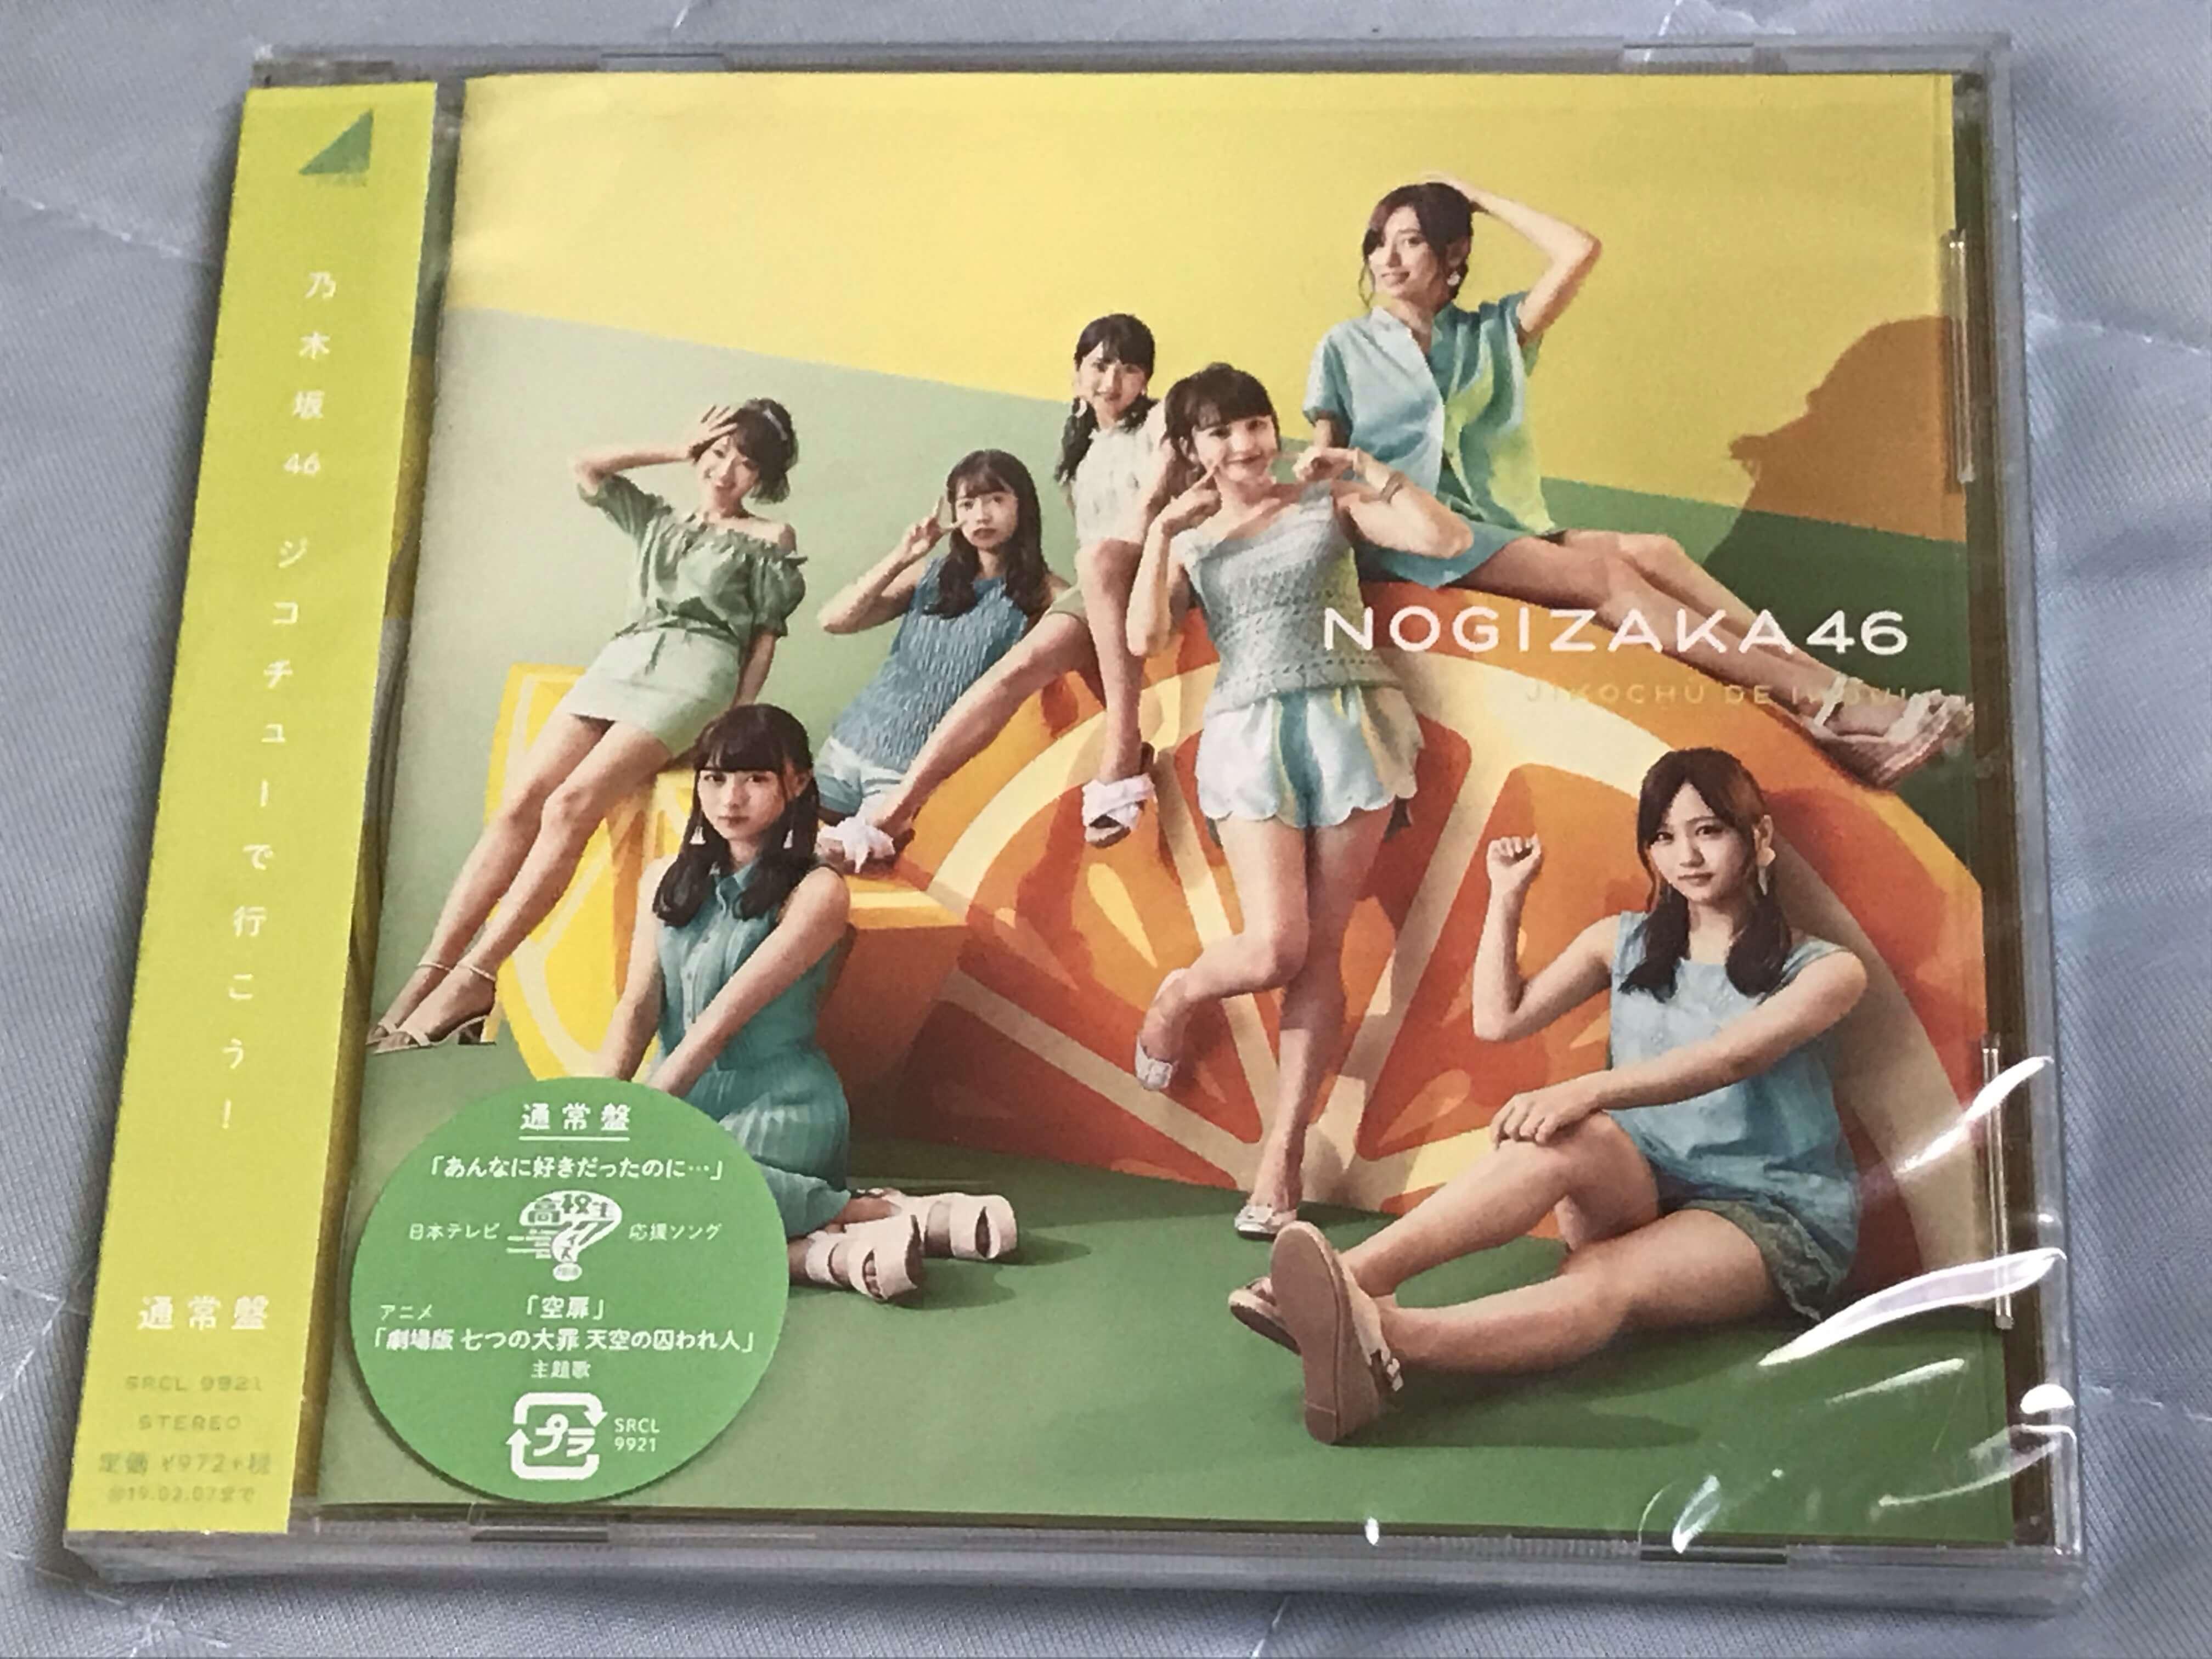 21stシングル「ジコチューで行こう!」のすべて!収録曲や特典、MV、フォーメーション情報などを紹介!